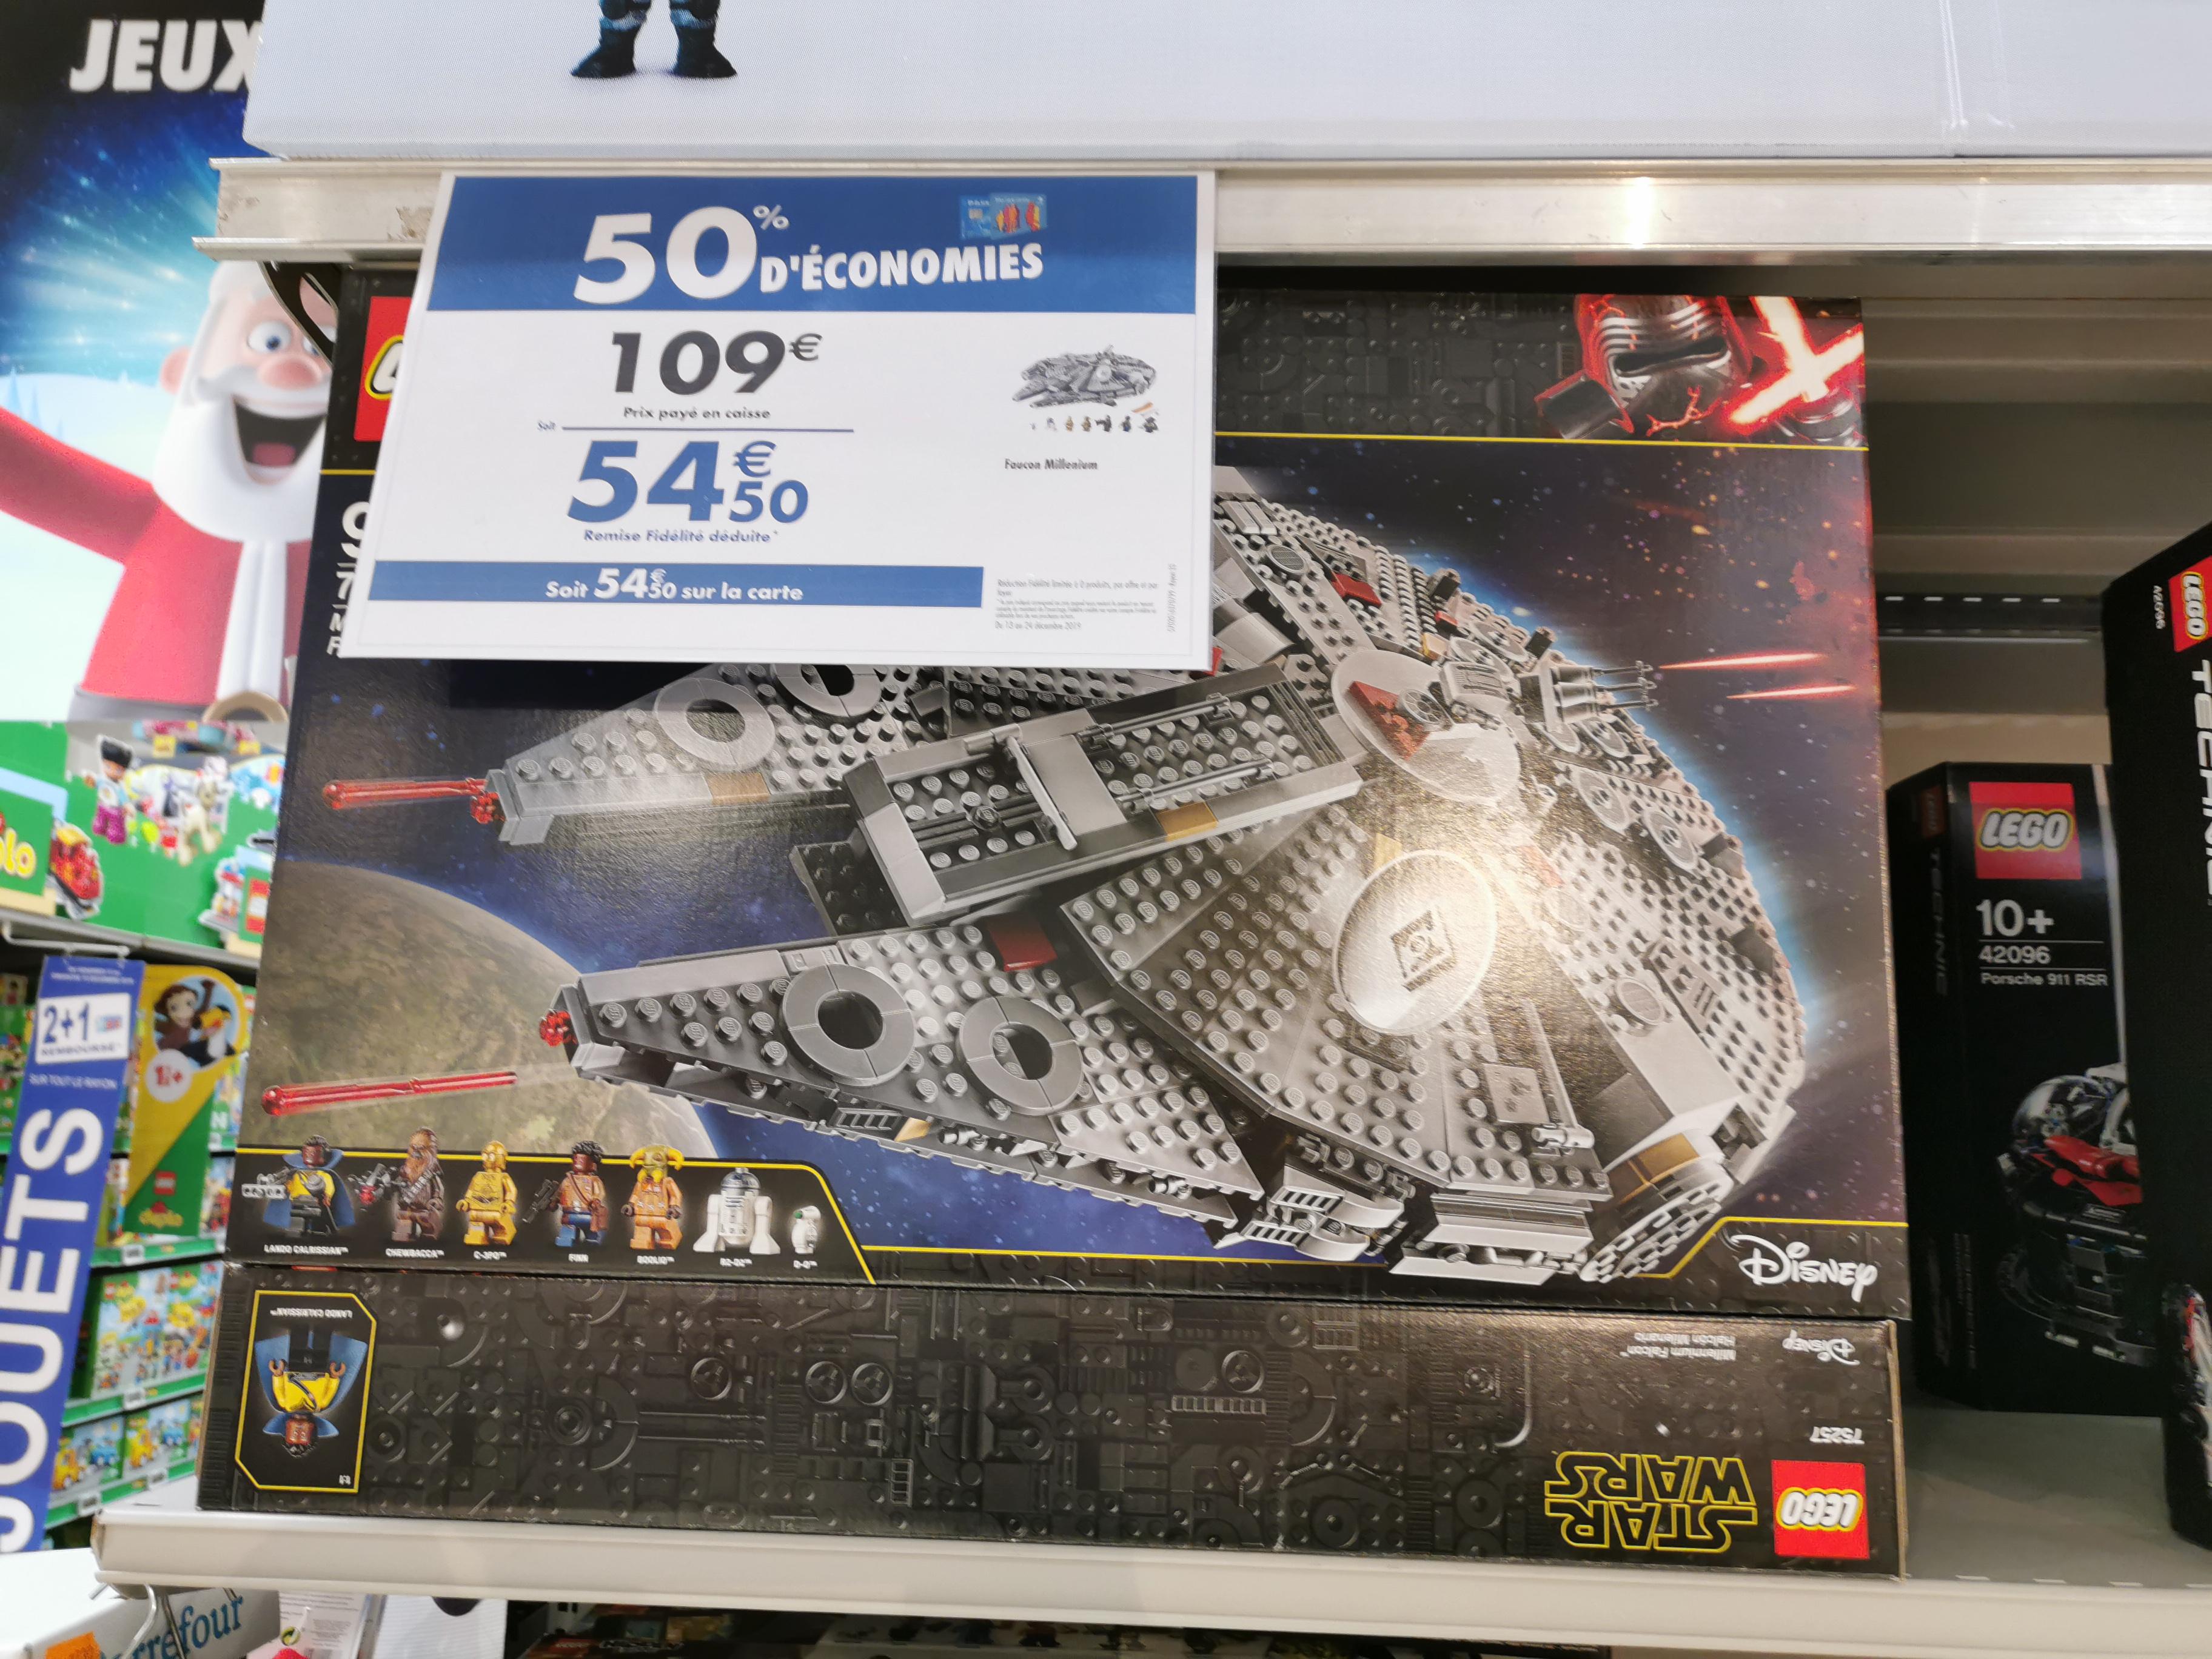 Lego Star Wars 75257 Millenium Falcon (Via 54.50€ sur la Carte Fidélité)